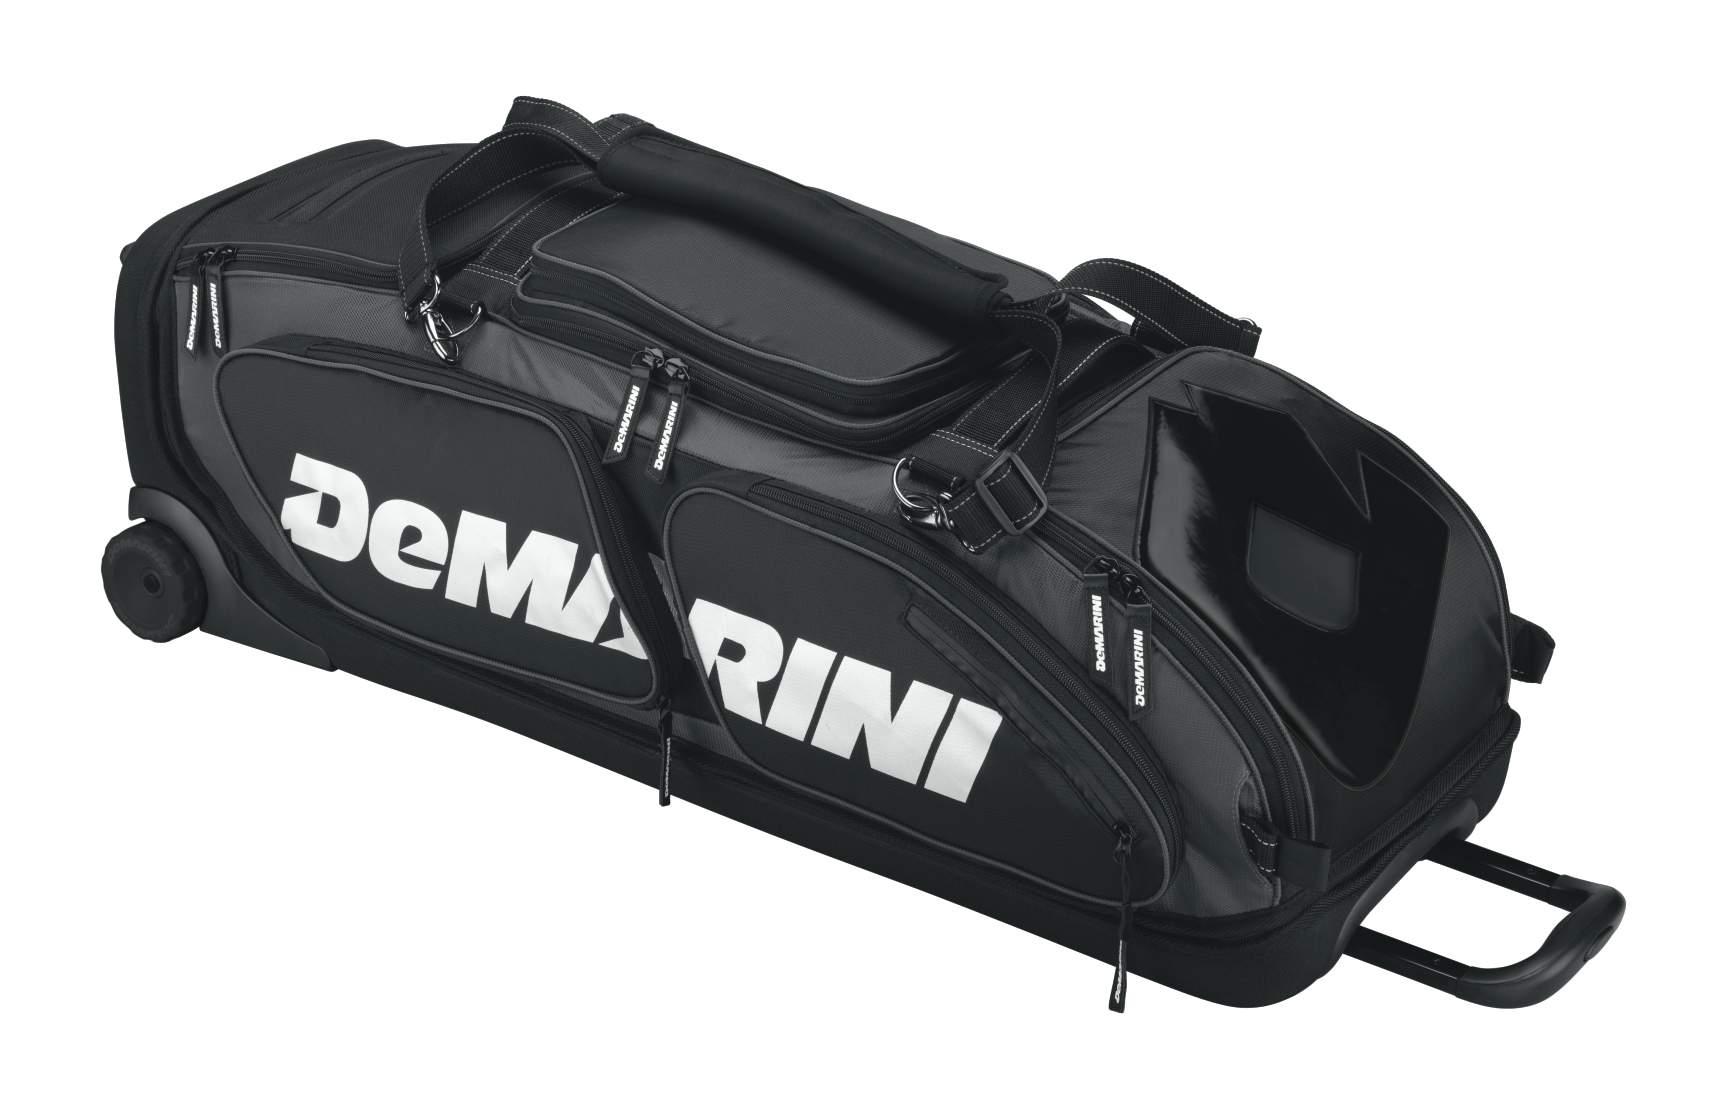 DeMARINI-Black-ops-wheeled-bag.jpg